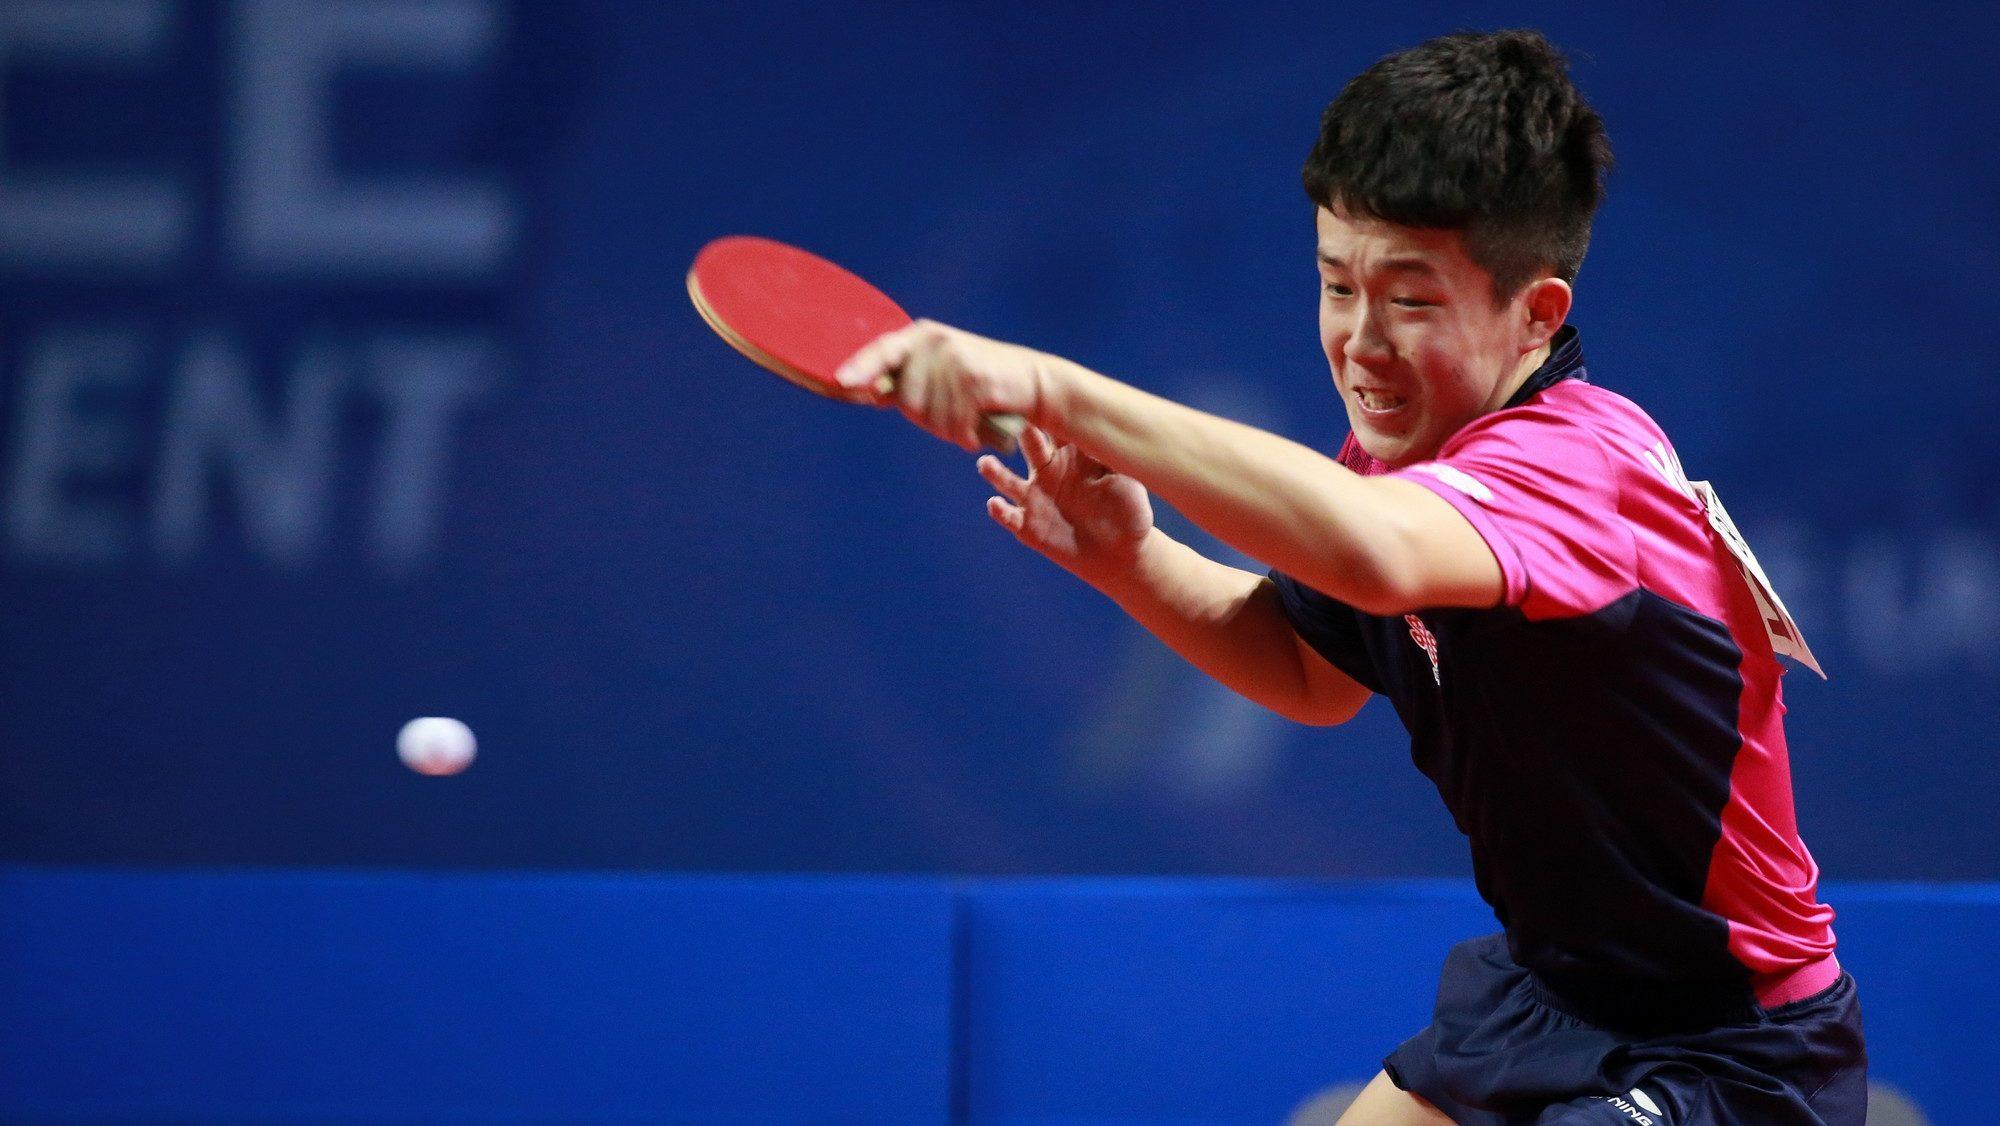 Wang Chuqin, relève assurée au sein des stars nationales